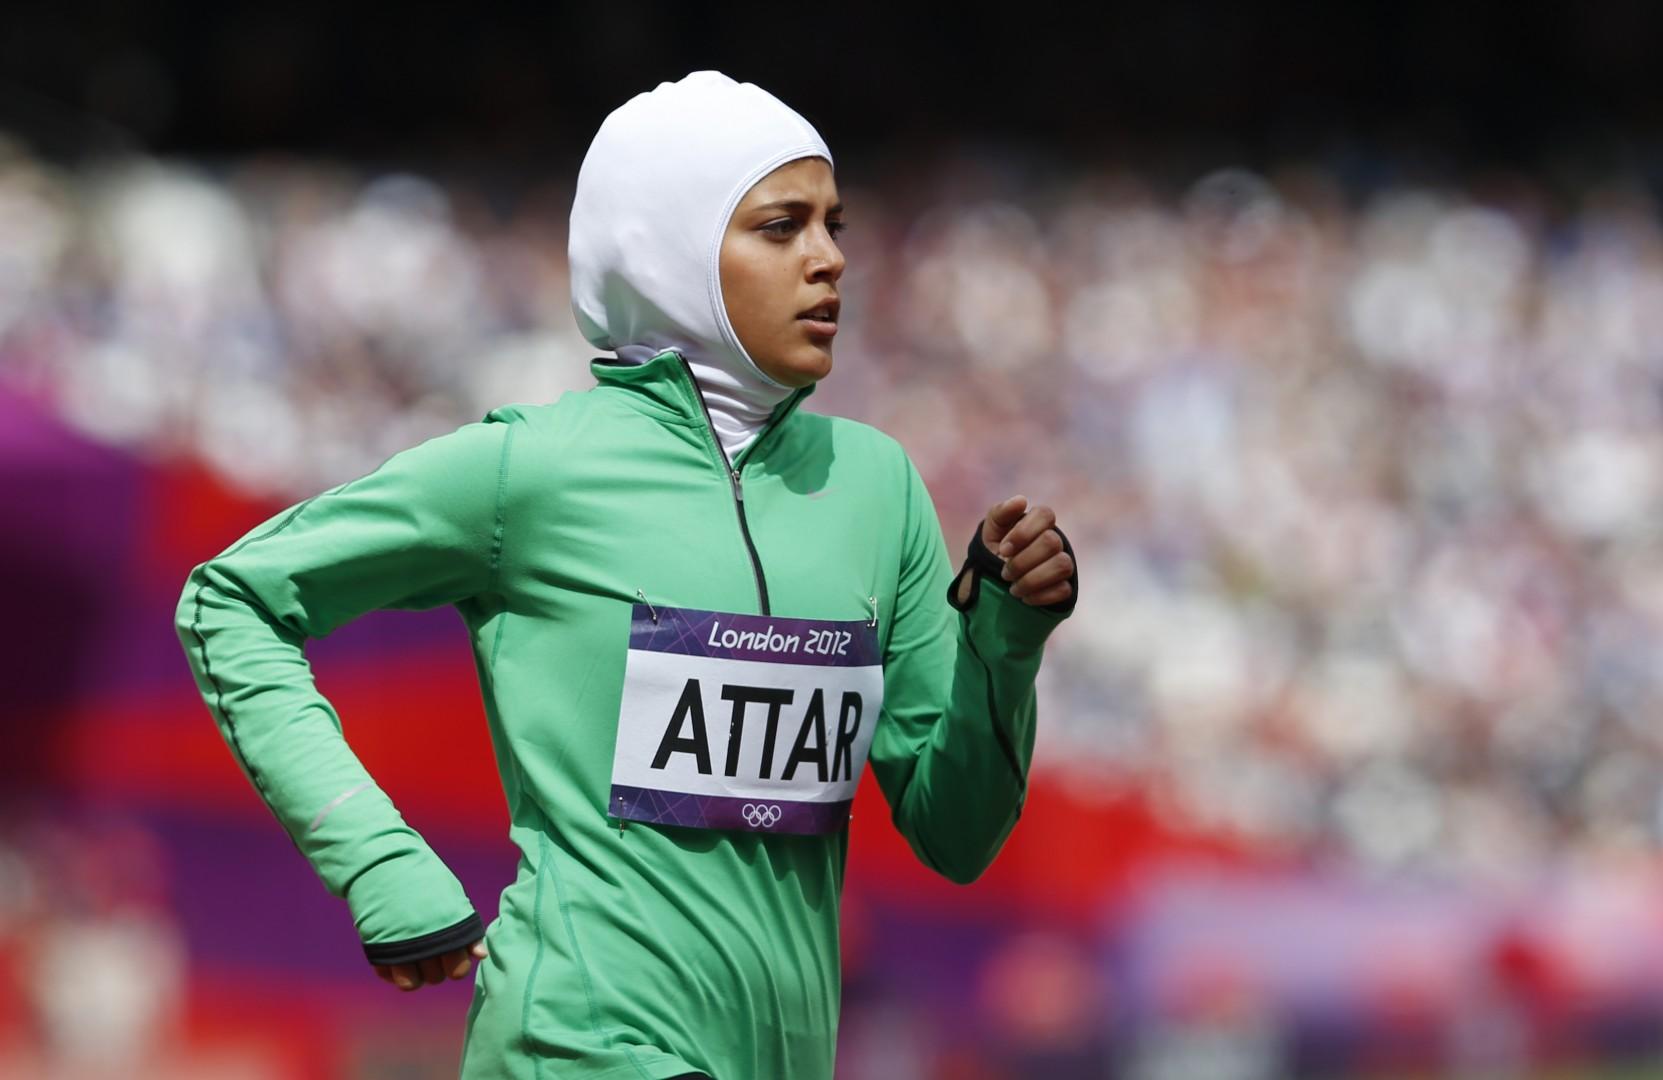 Sarah Attar, prva tekmovala, ki je na olimpijskih igrah rpedstavljala Savdsko Arabijo. (foto: epa)